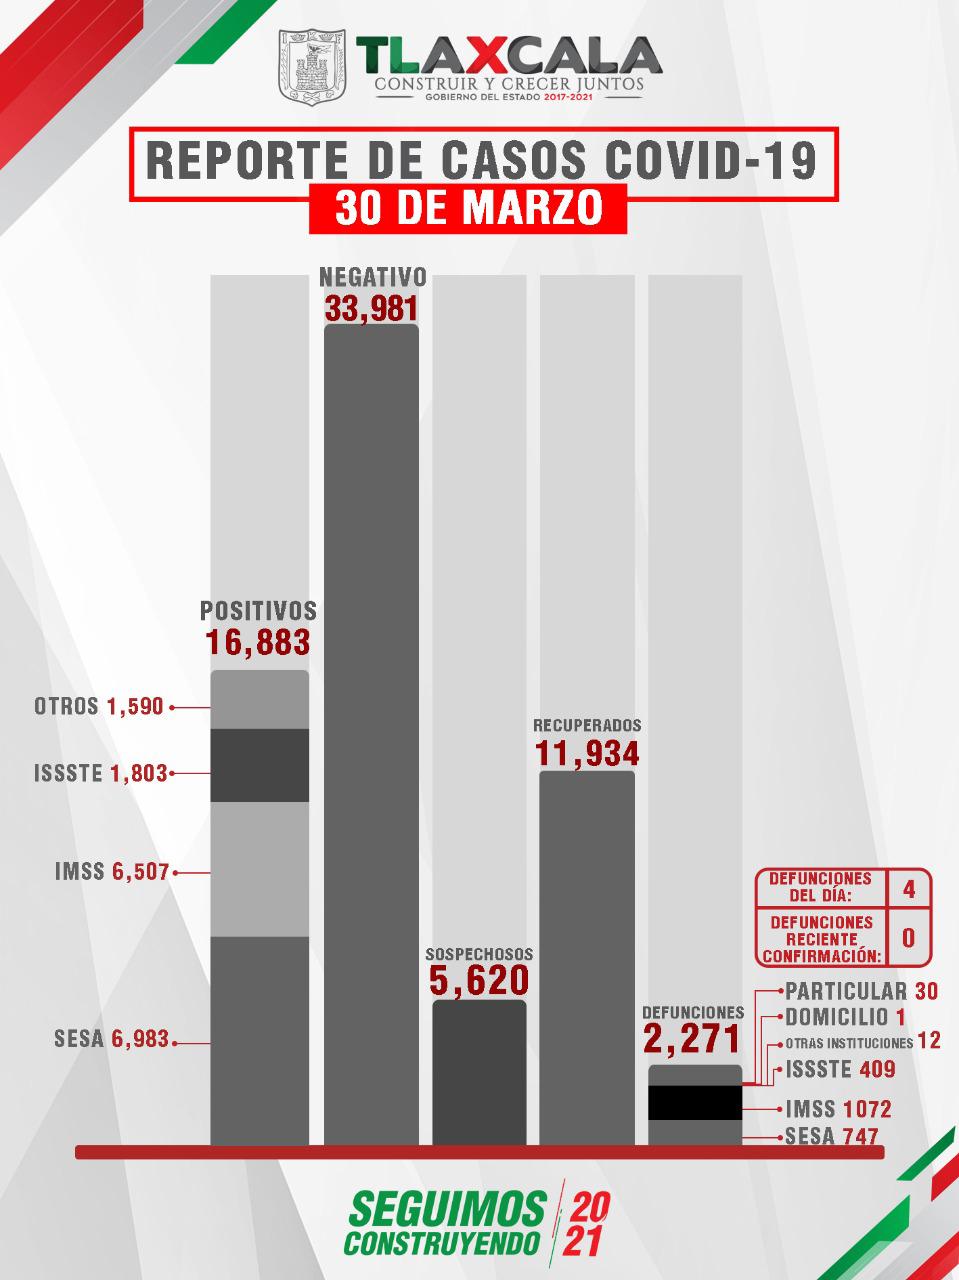 Confirma SESA 4 defunciones y 23 casos positivos en Tlaxcala de Covid-19